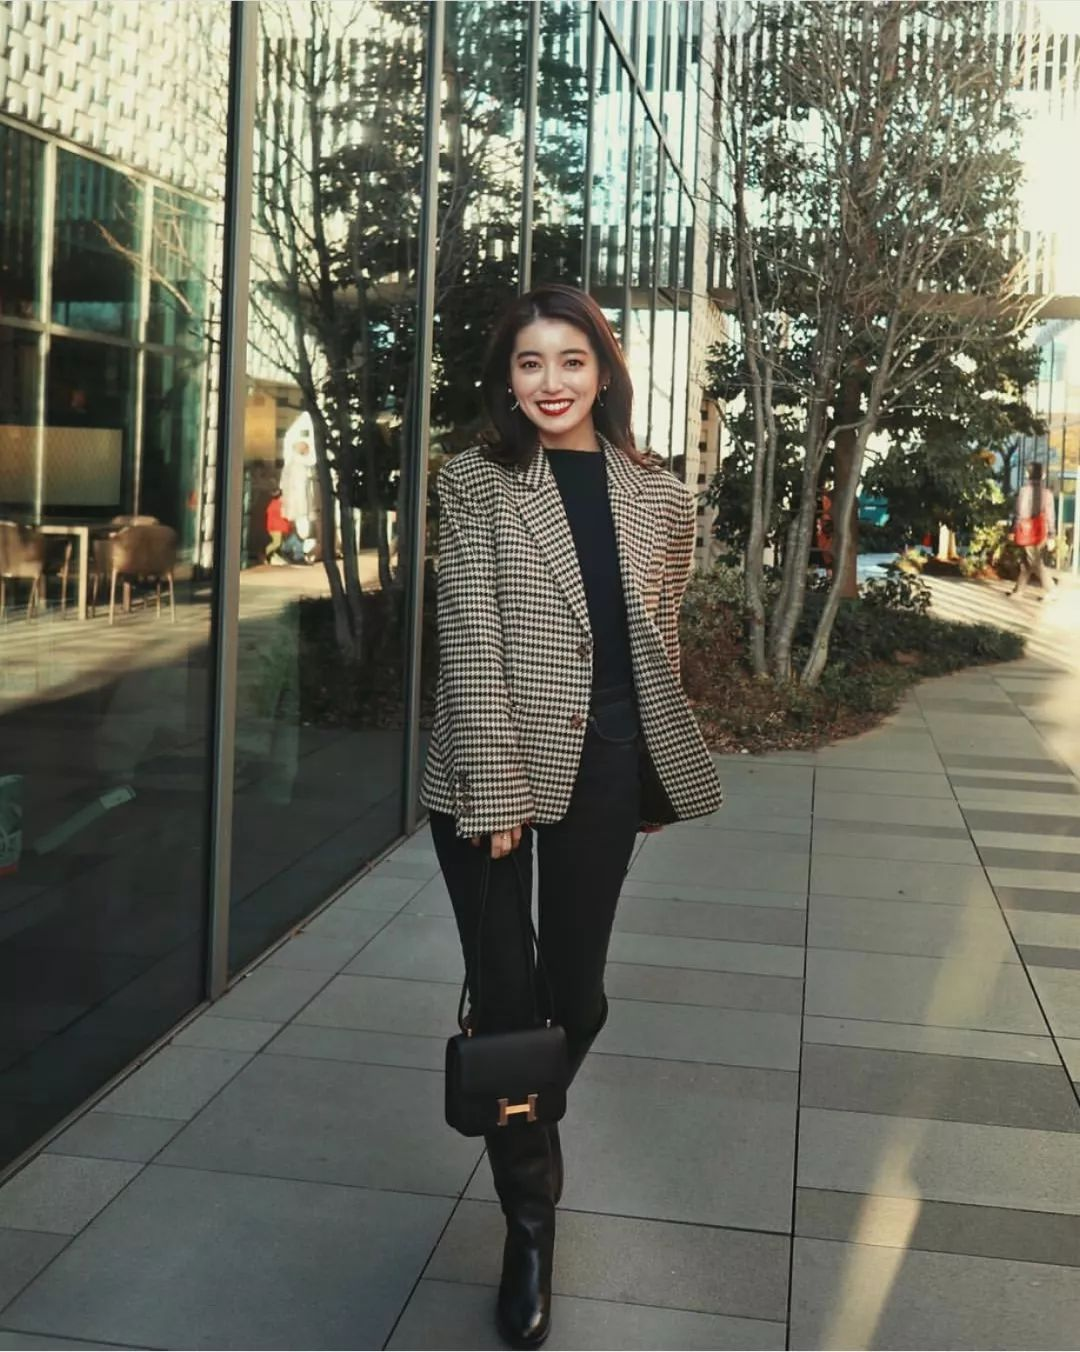 厚外套+高腰裤=冬季最火显高套路!